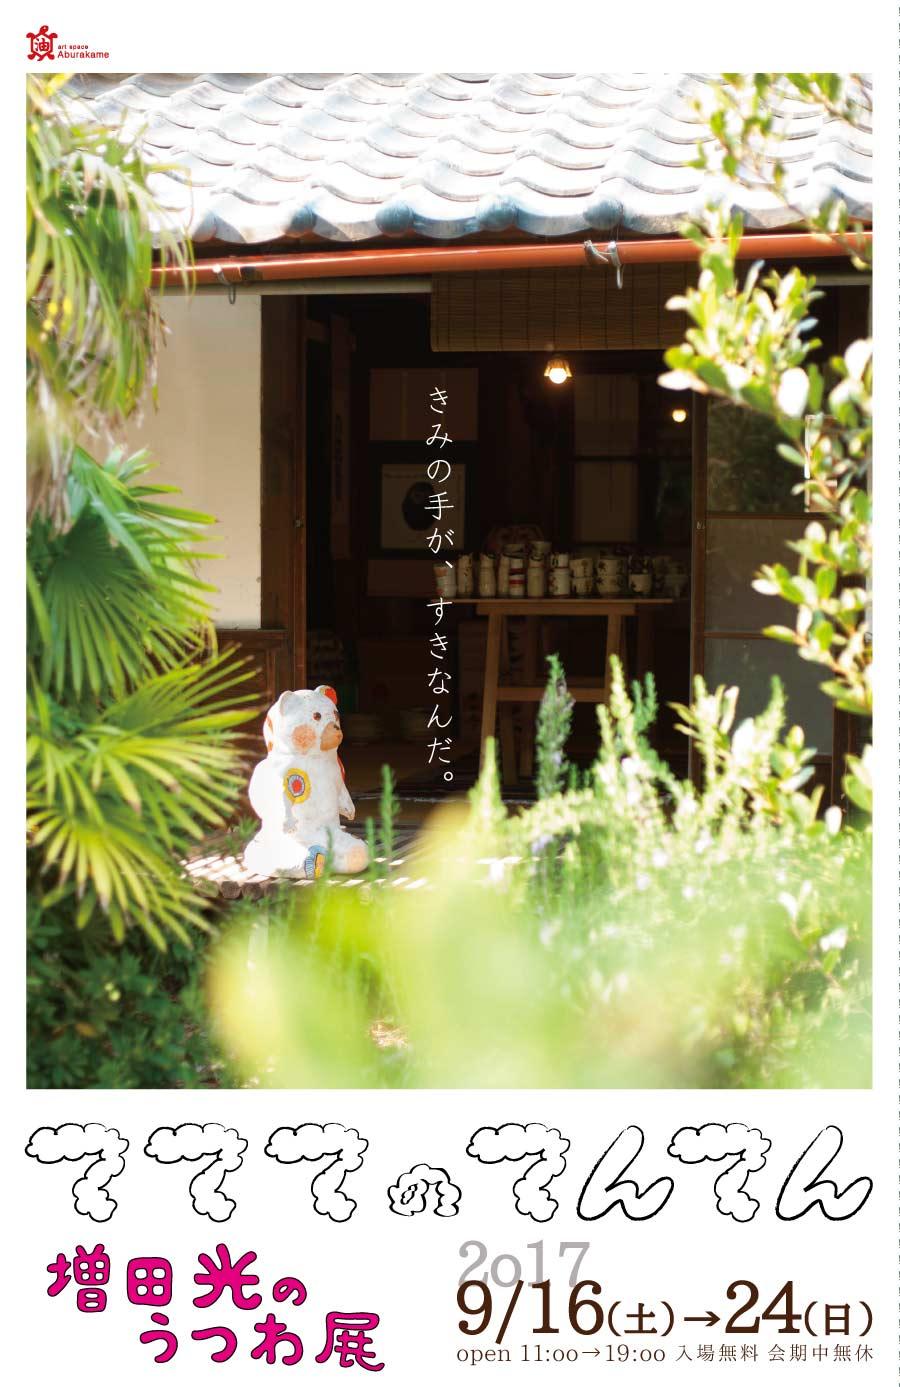 アートスペース油亀企画展 増田光のうつわ展「てててのてんてん」